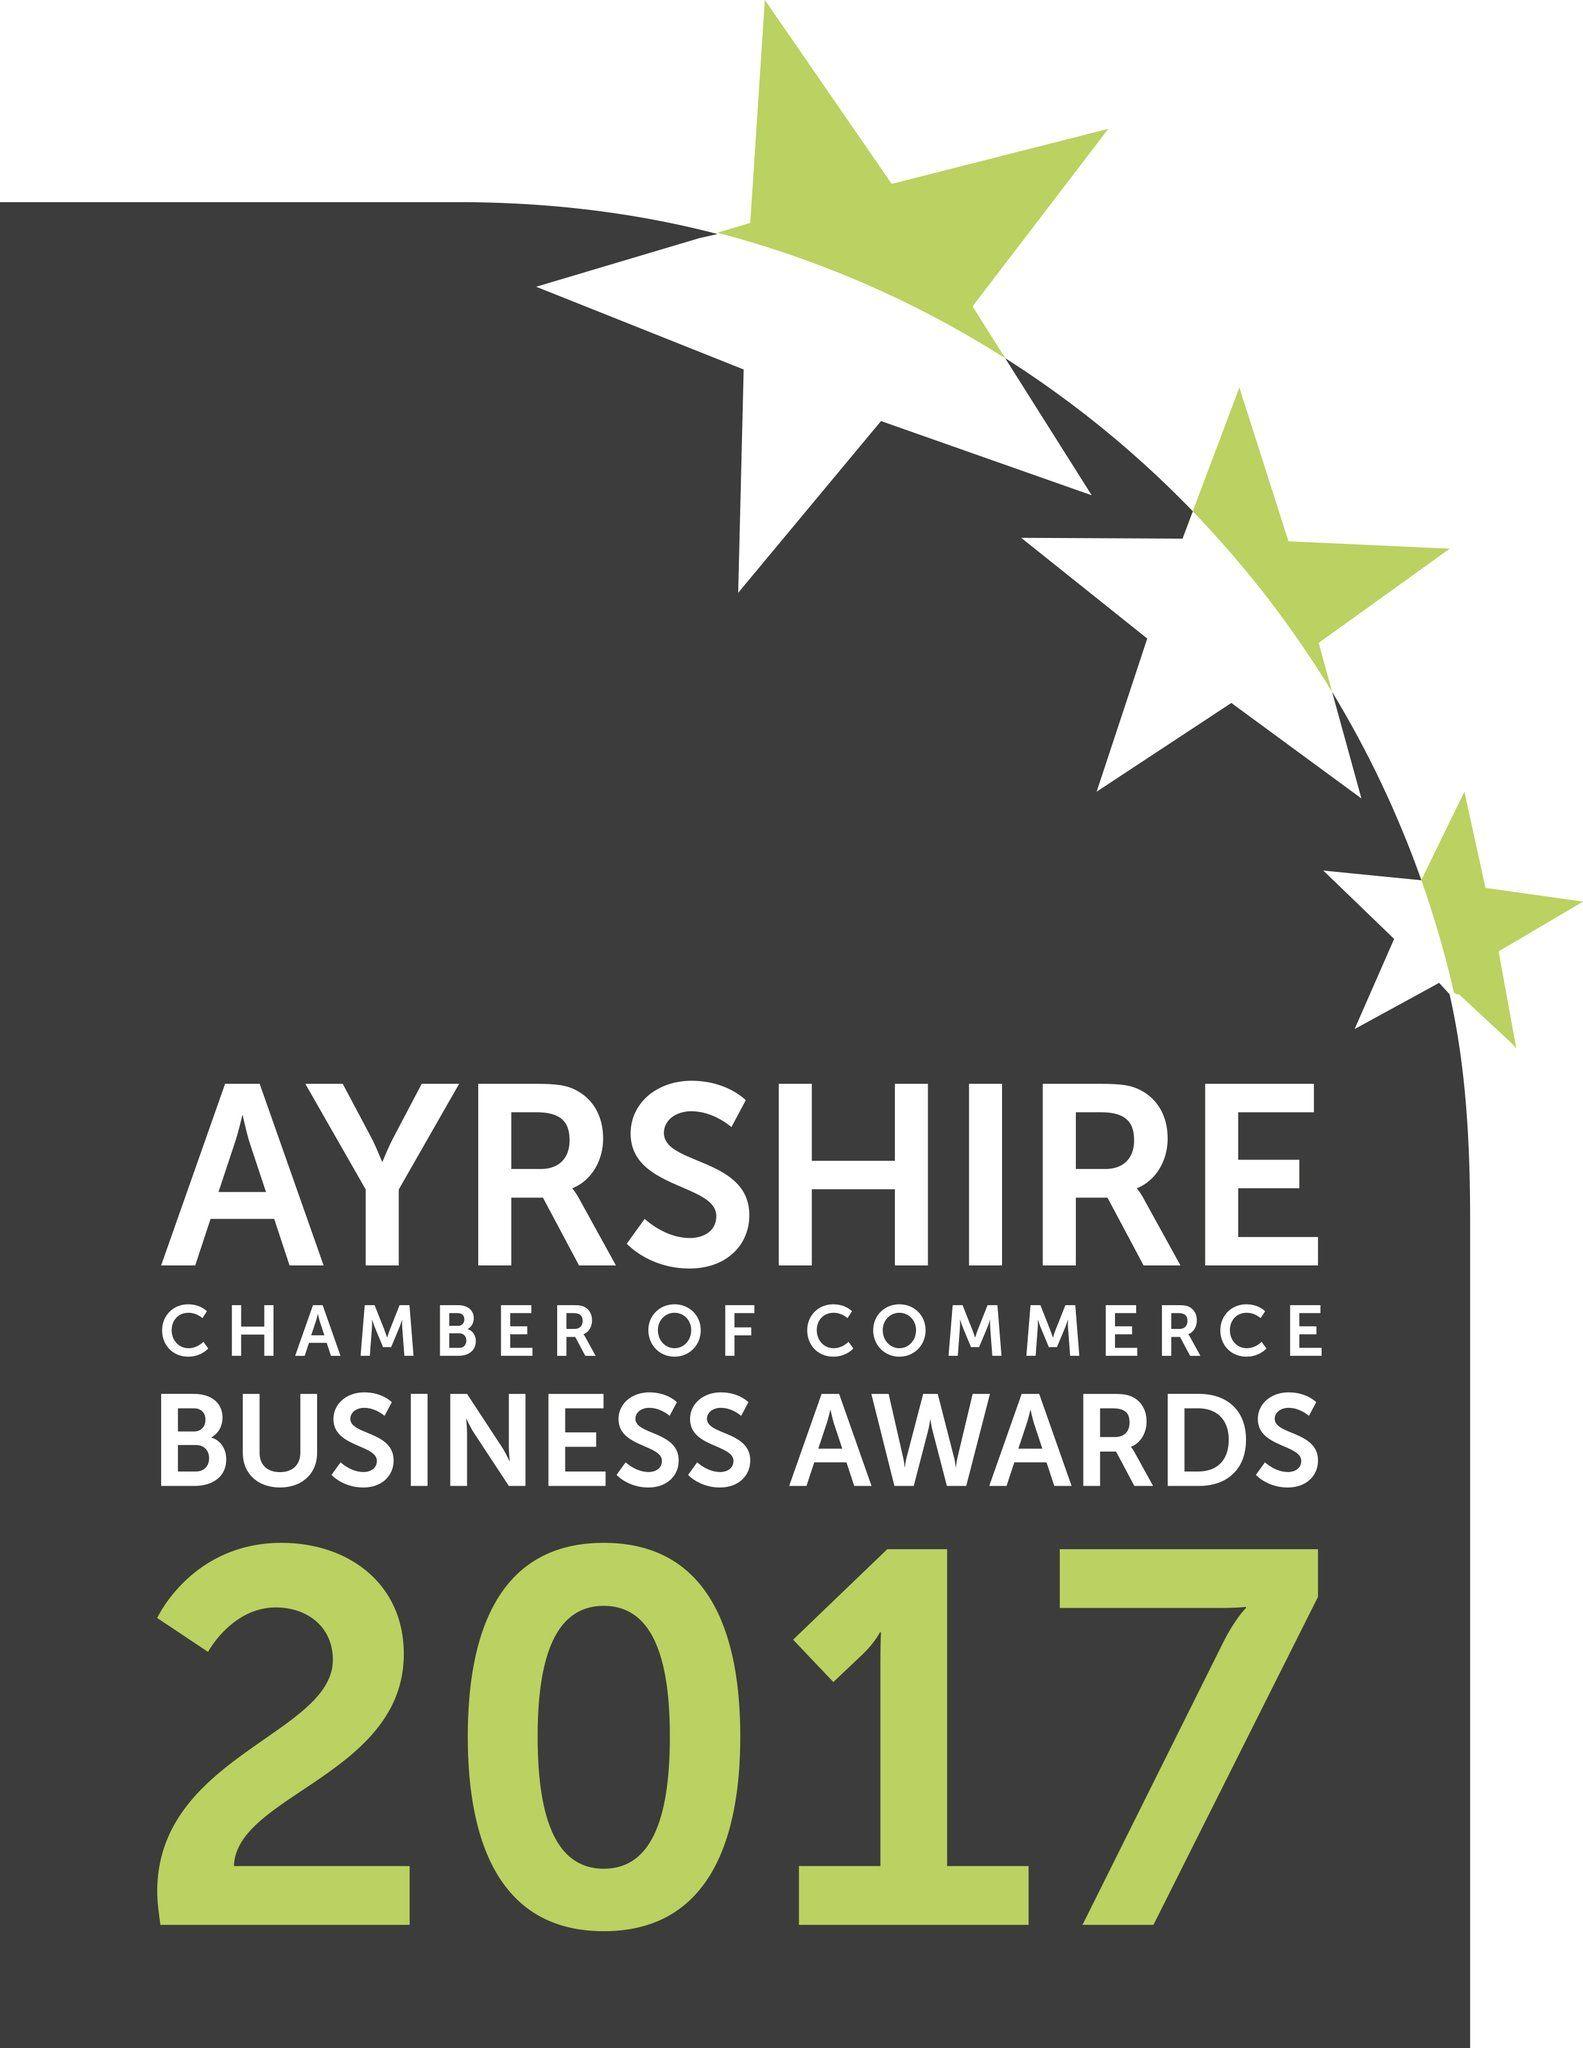 ayrshire business awards